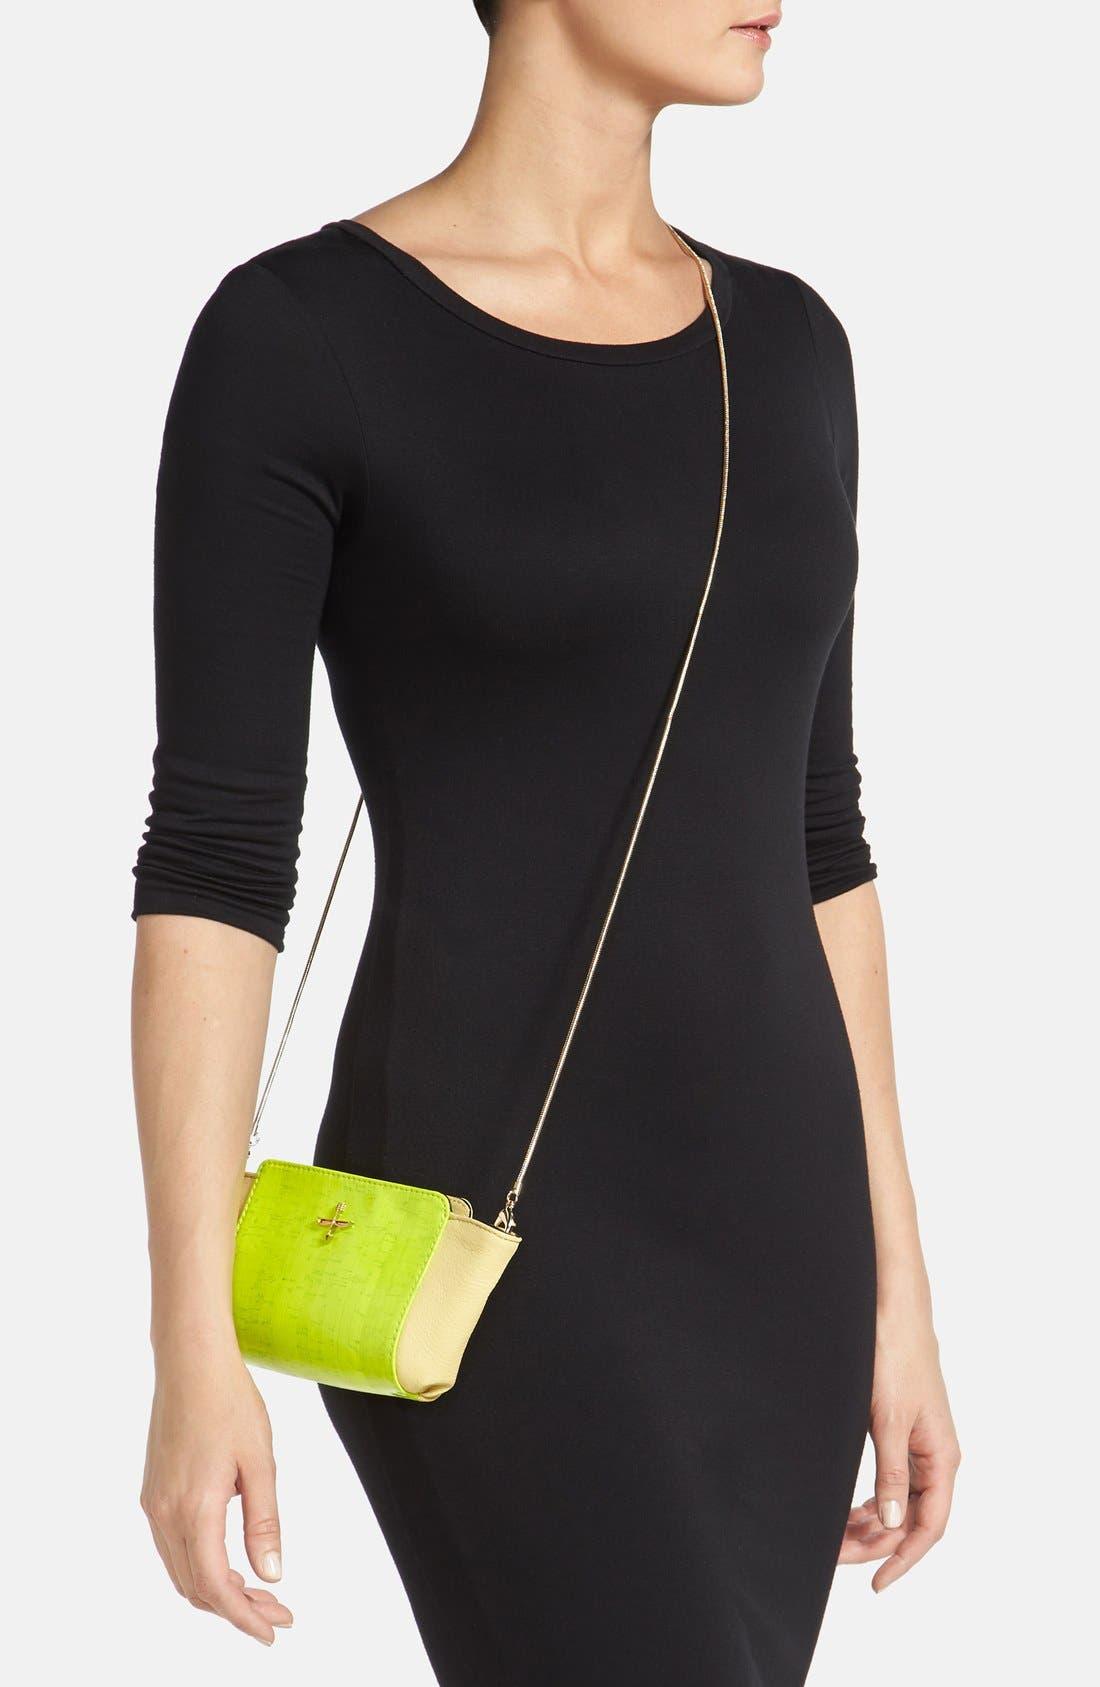 Alternate Image 2  - Pour la Victoire 'Elle - Mini' Crossbody Bag